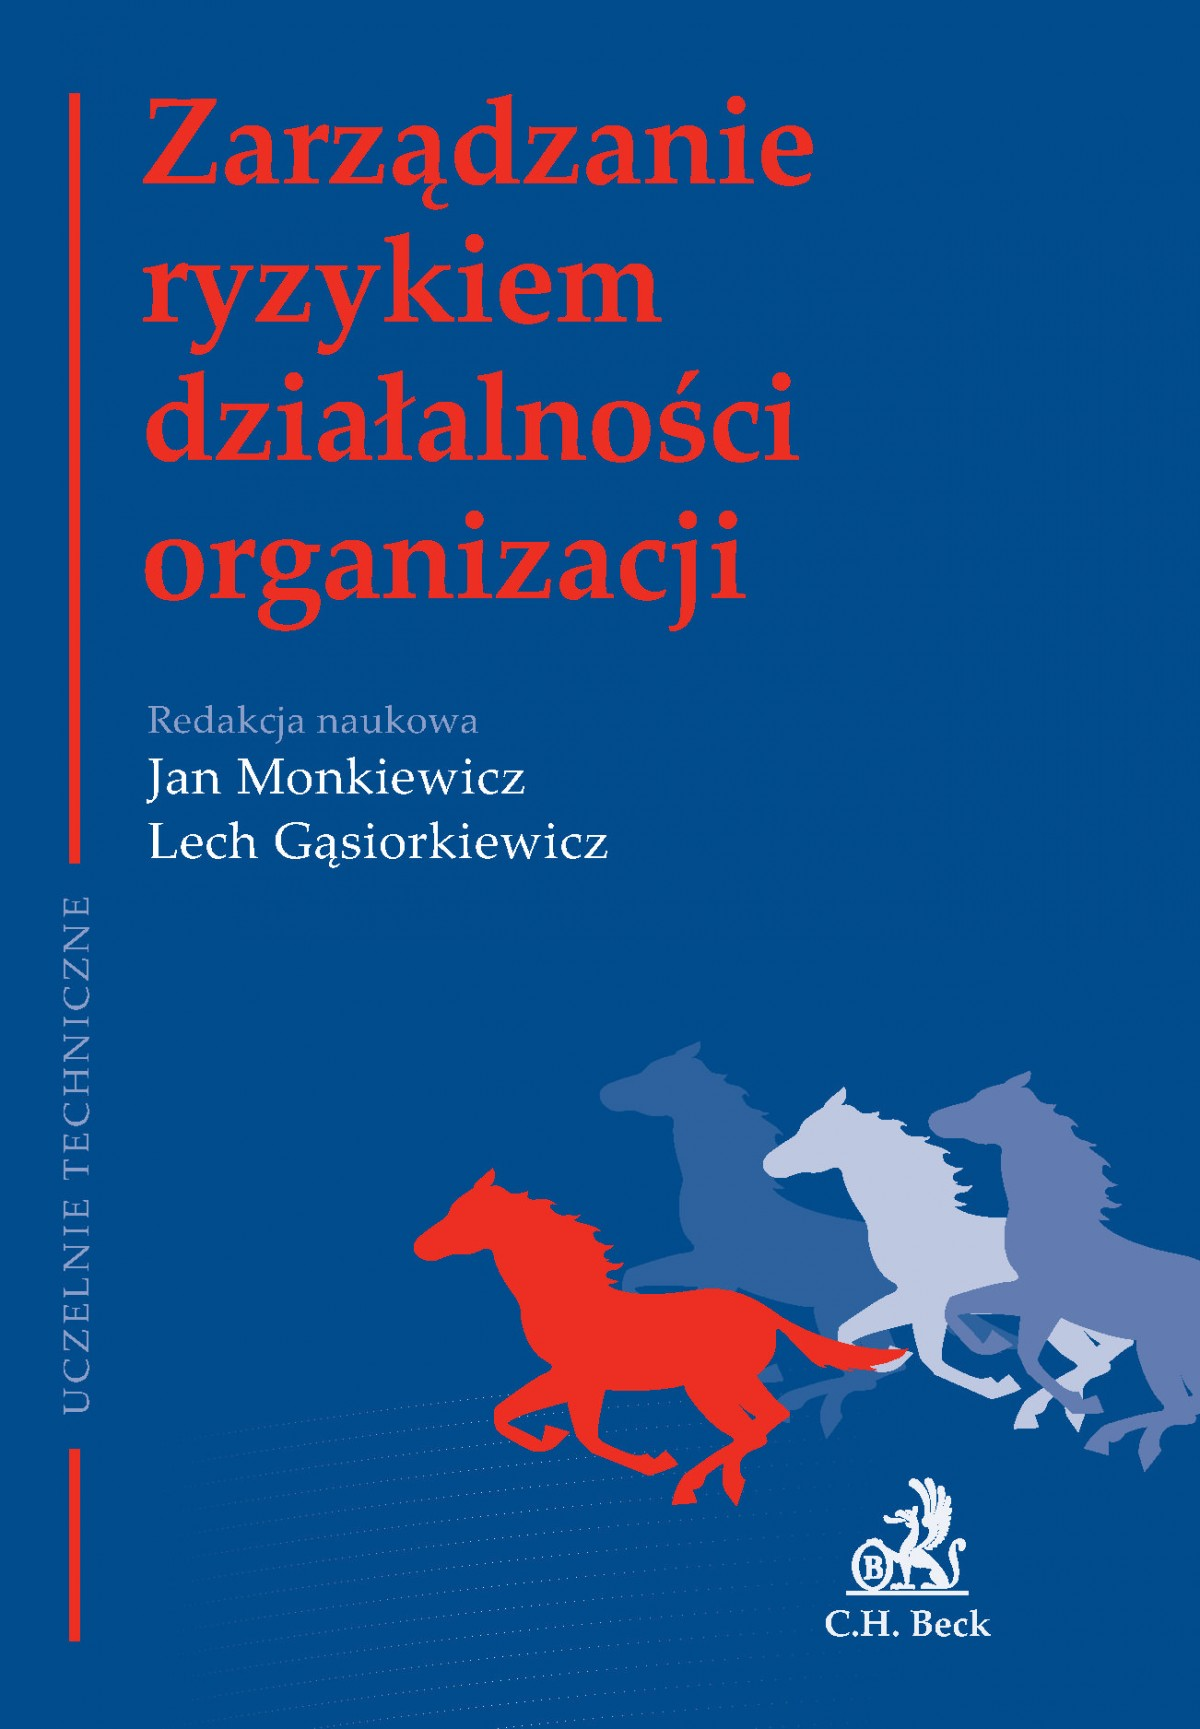 Zarządzanie ryzykiem działalności organizacji - Ebook (Książka PDF) do pobrania w formacie PDF